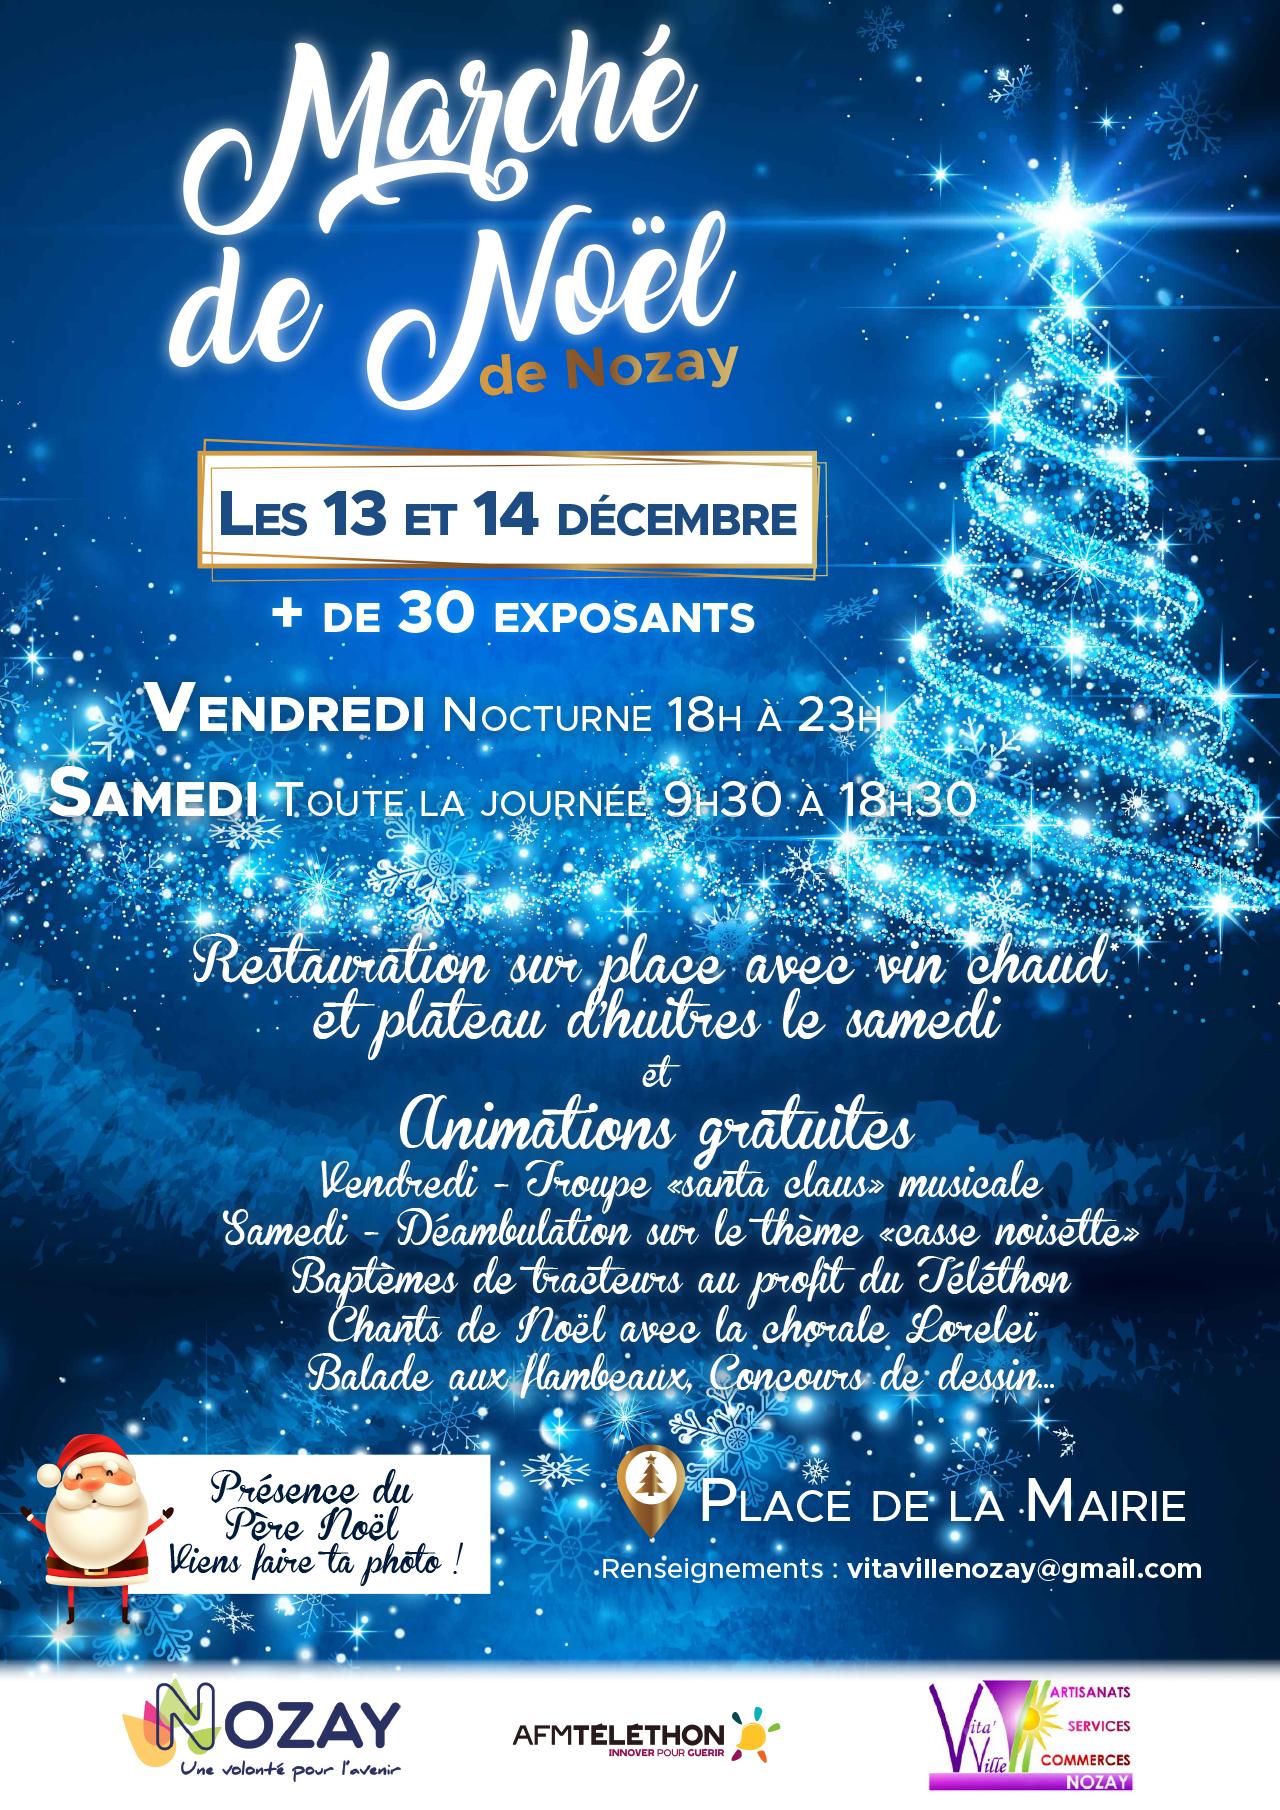 Marché de Noël Nozay 9 BRICOMARCHE NOZAY A4 DEC20191